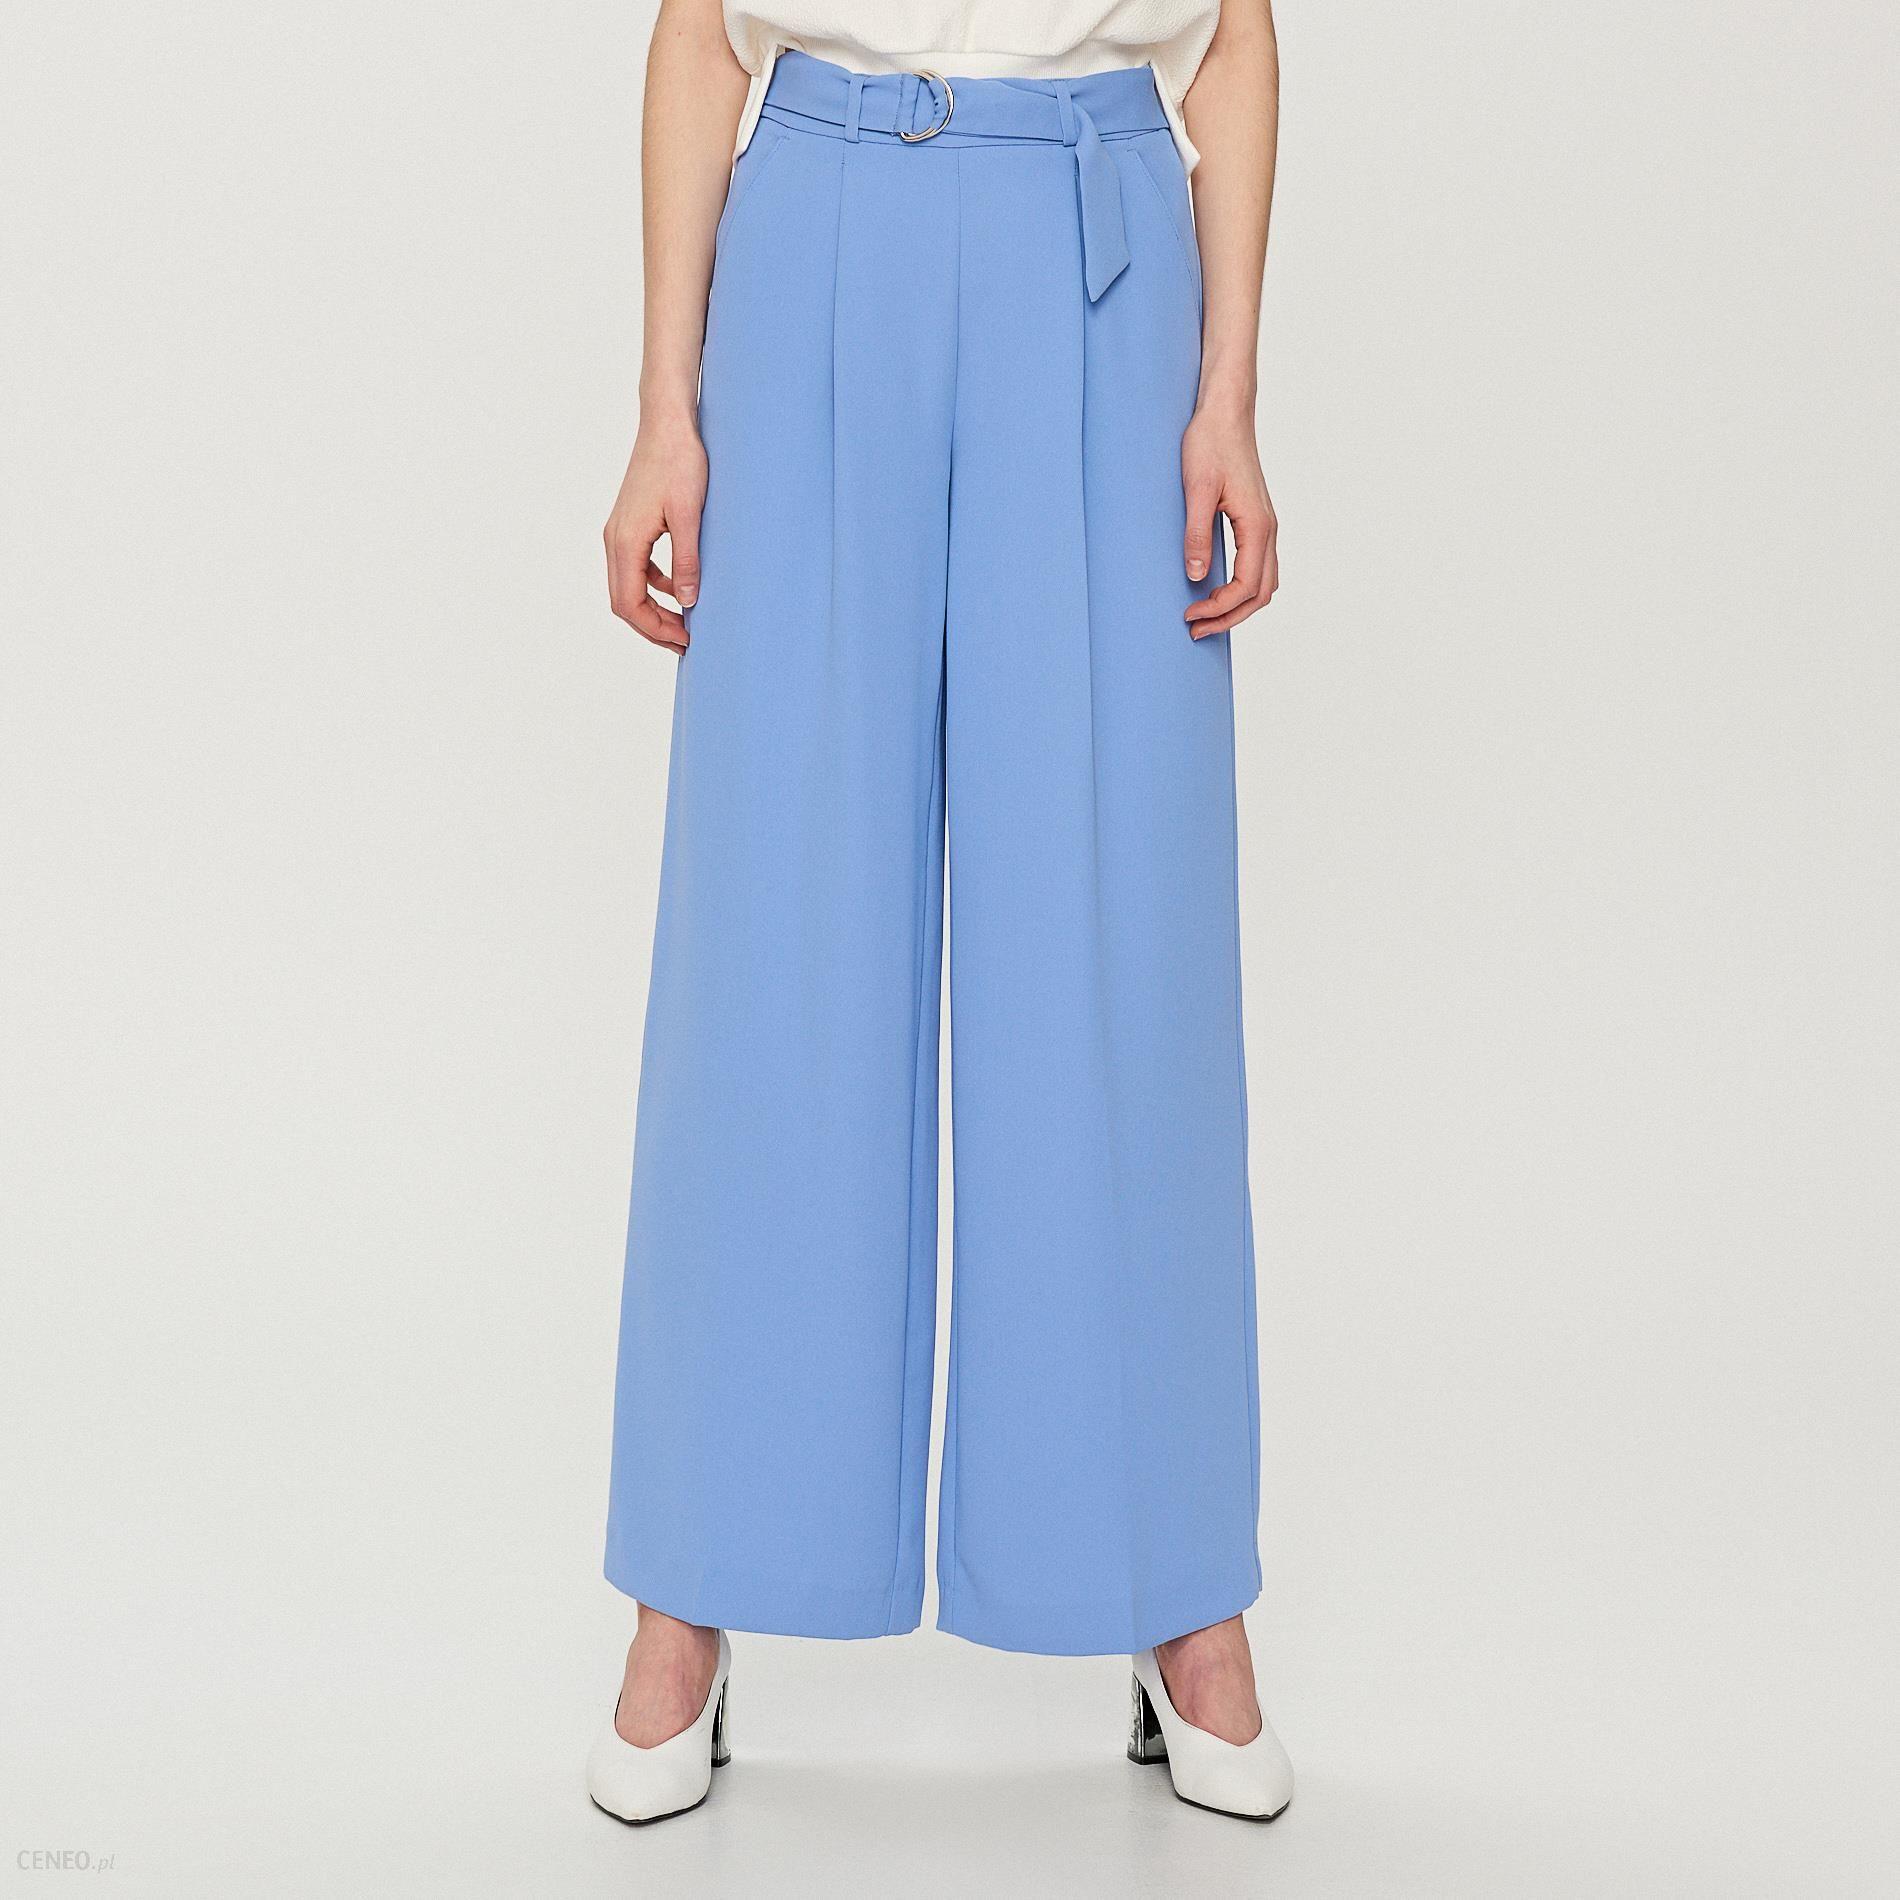 31c021534b3df6 Reserved - Szerokie spodnie na kant - Niebieski - Ceny i opinie ...